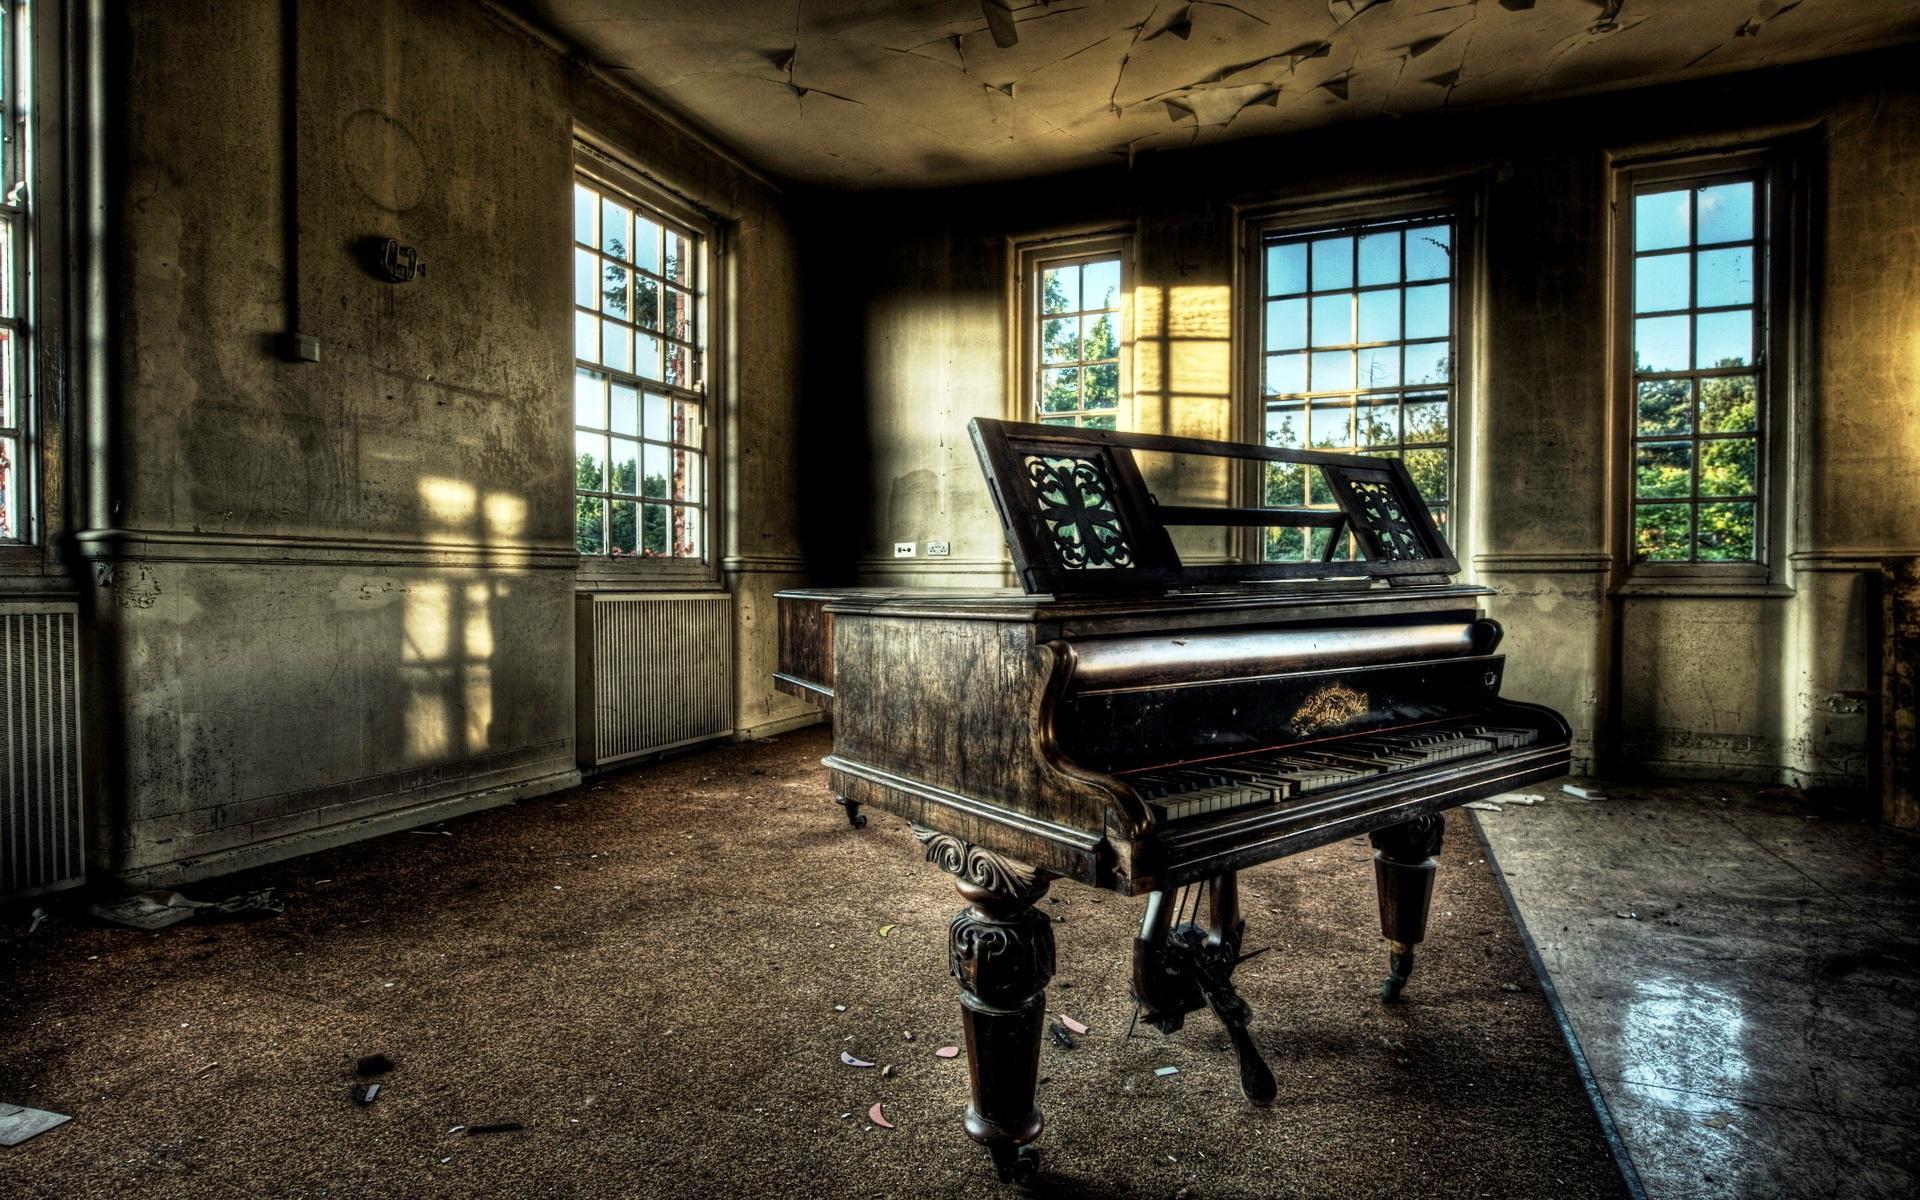 piyano, ilk olarak 1711 yılında Cristofori tarafından yapıldı.